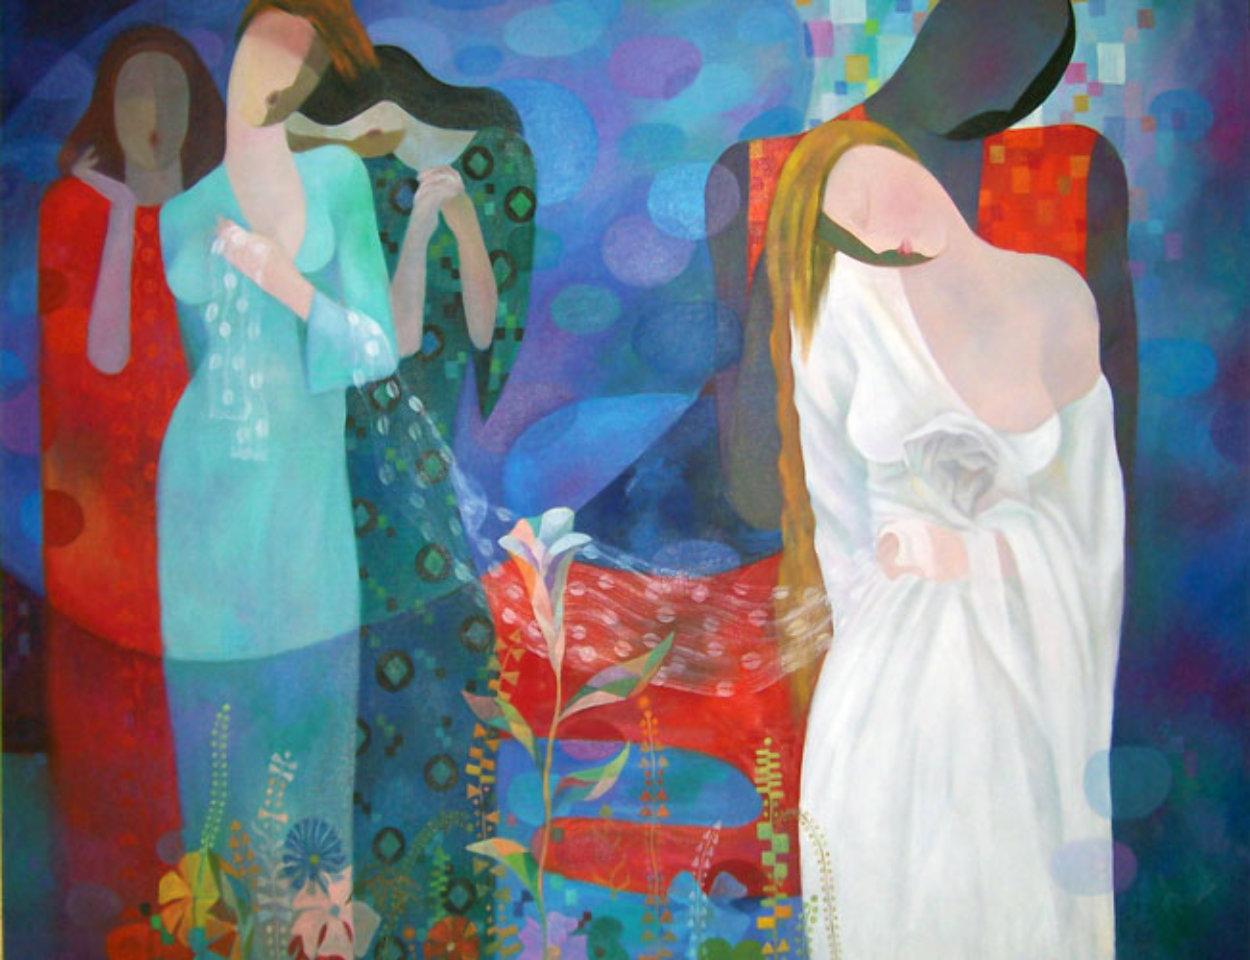 Love Song 36x48 Super Huge Original Painting by Arbe Berberyan